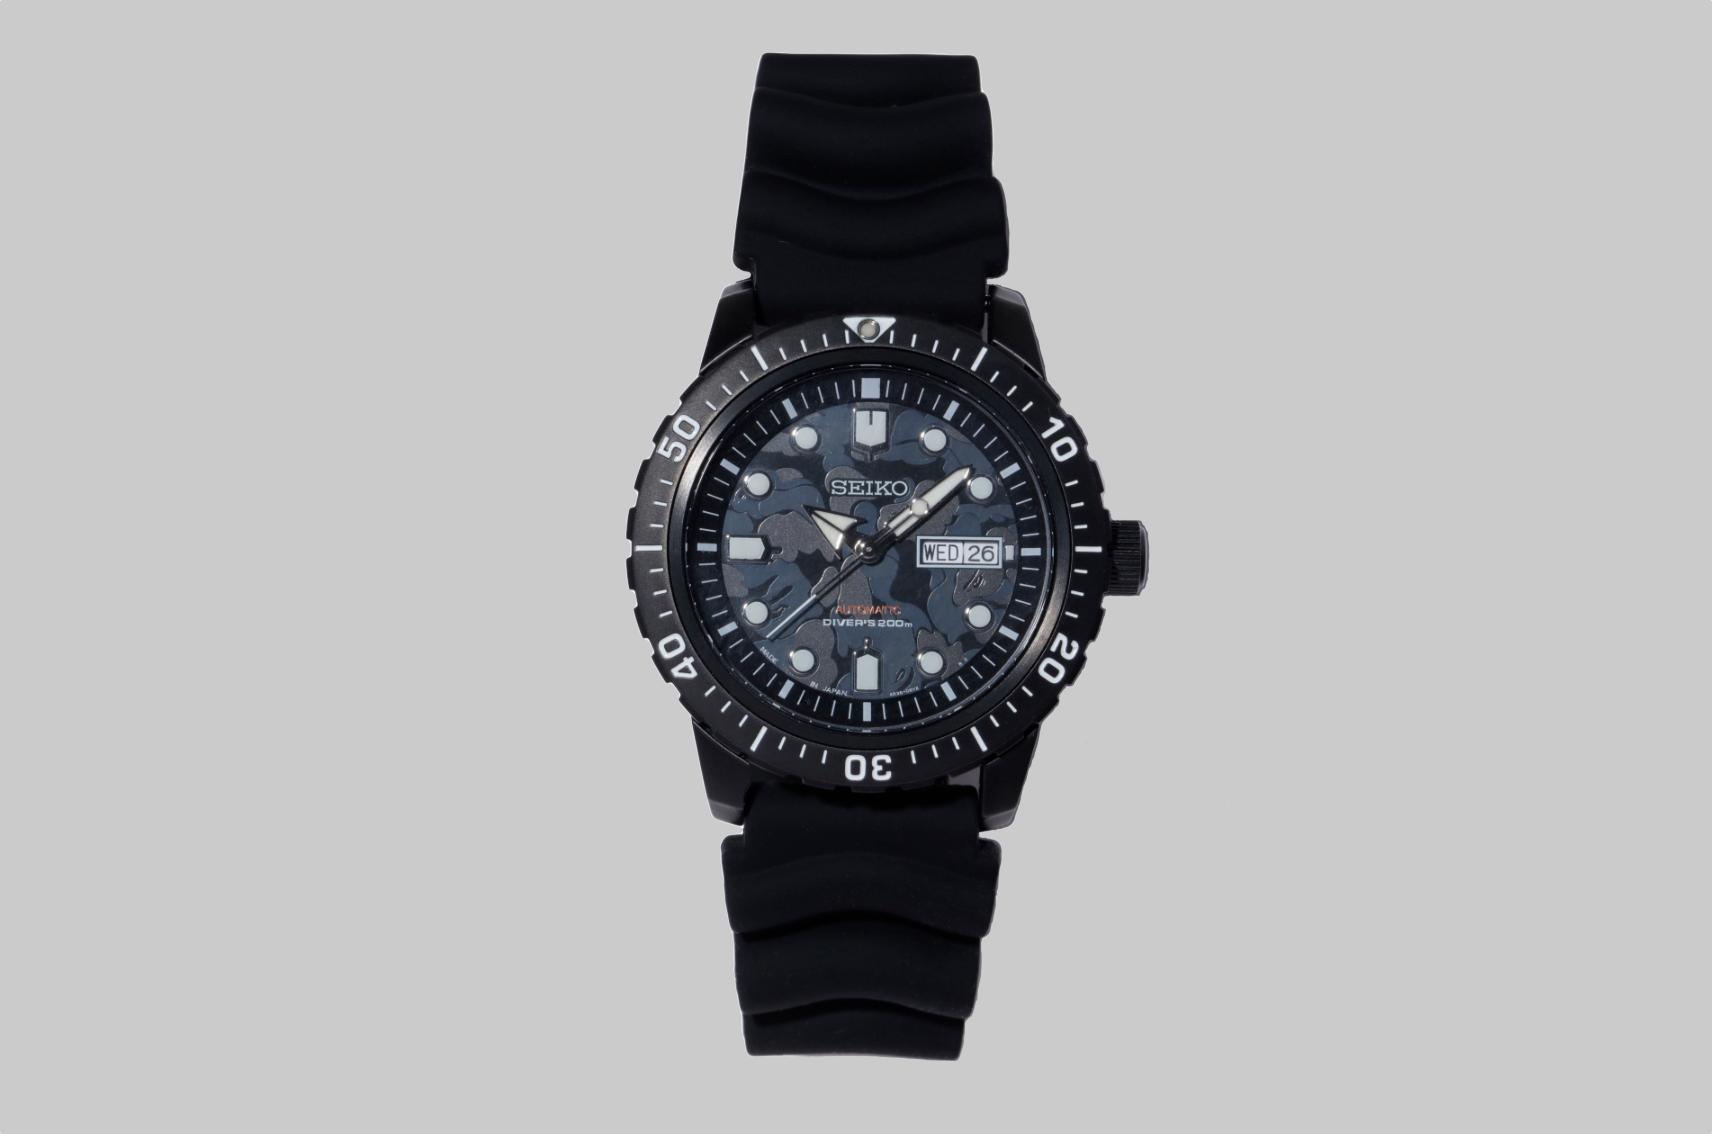 Seiko Bape watch